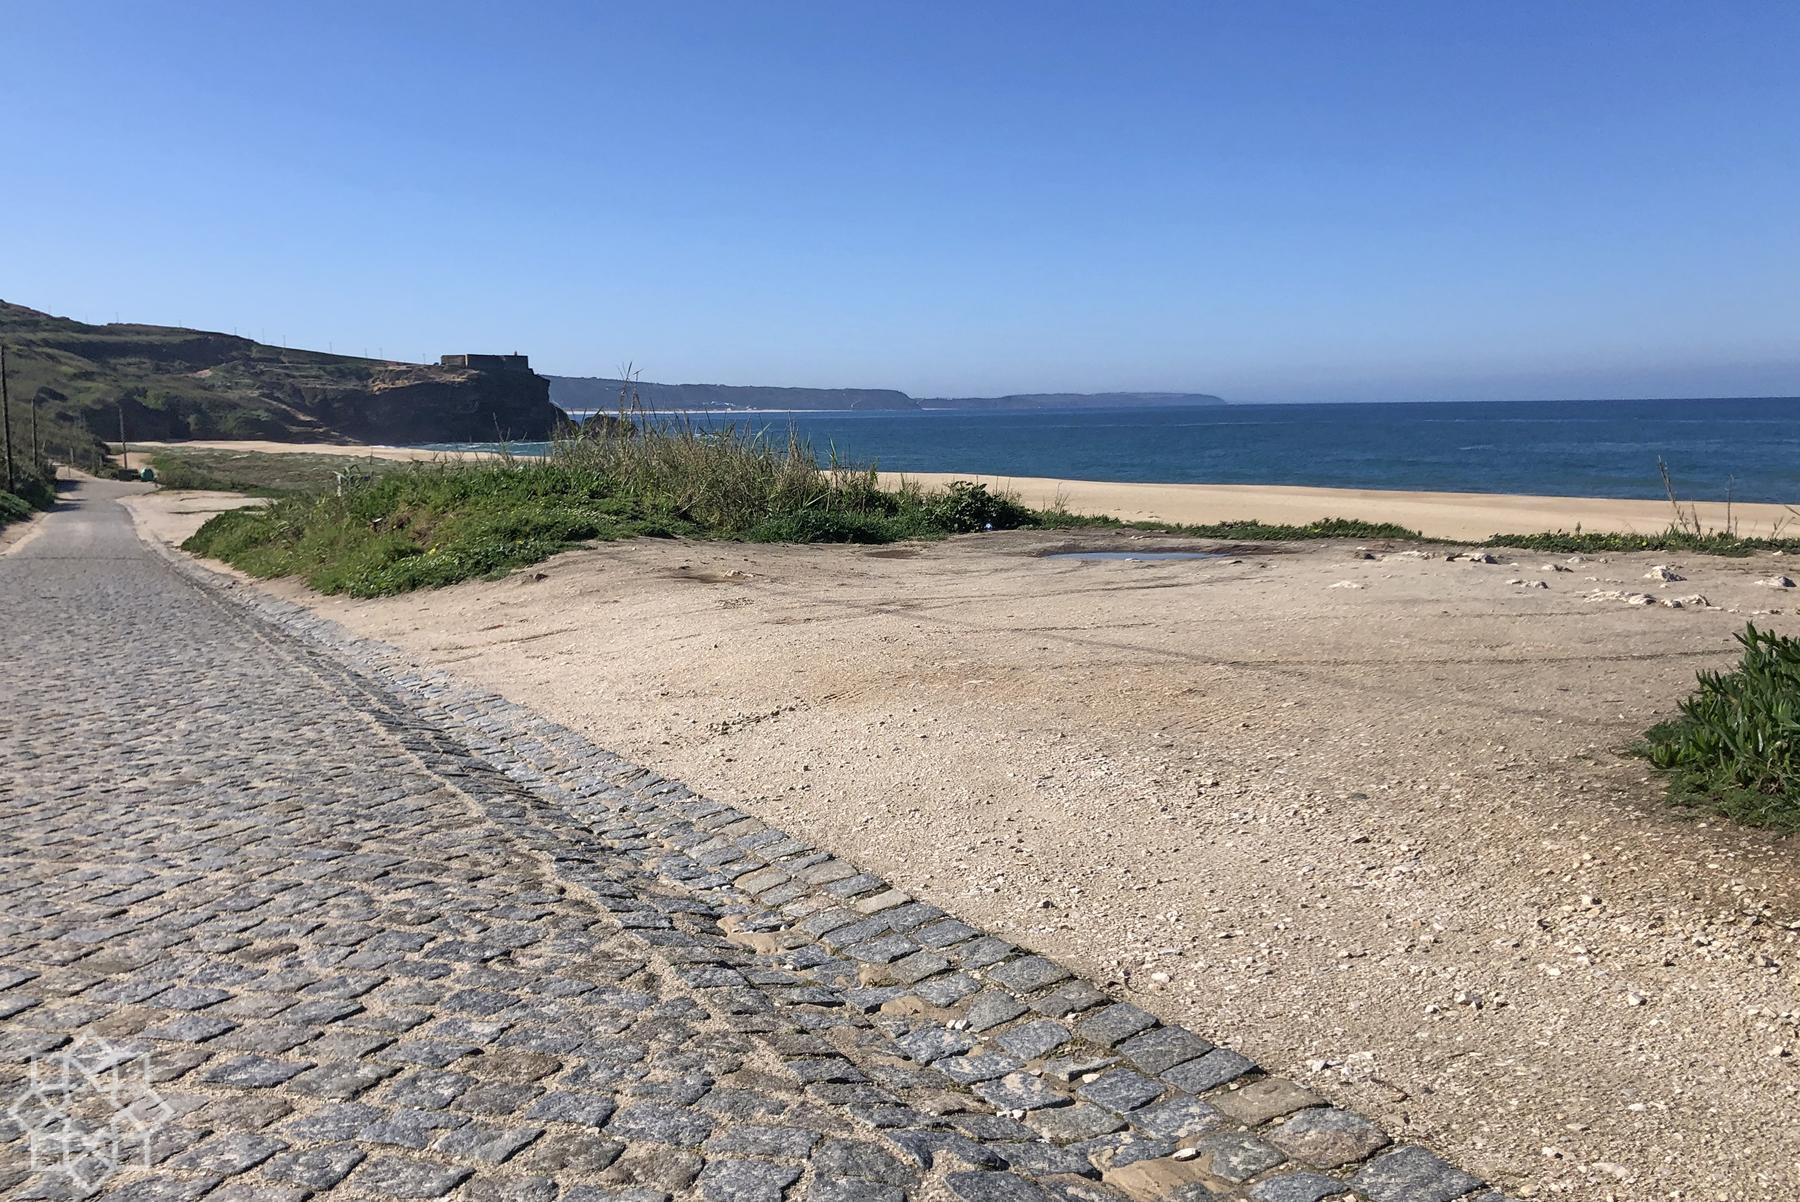 Praia do Norte May 2020